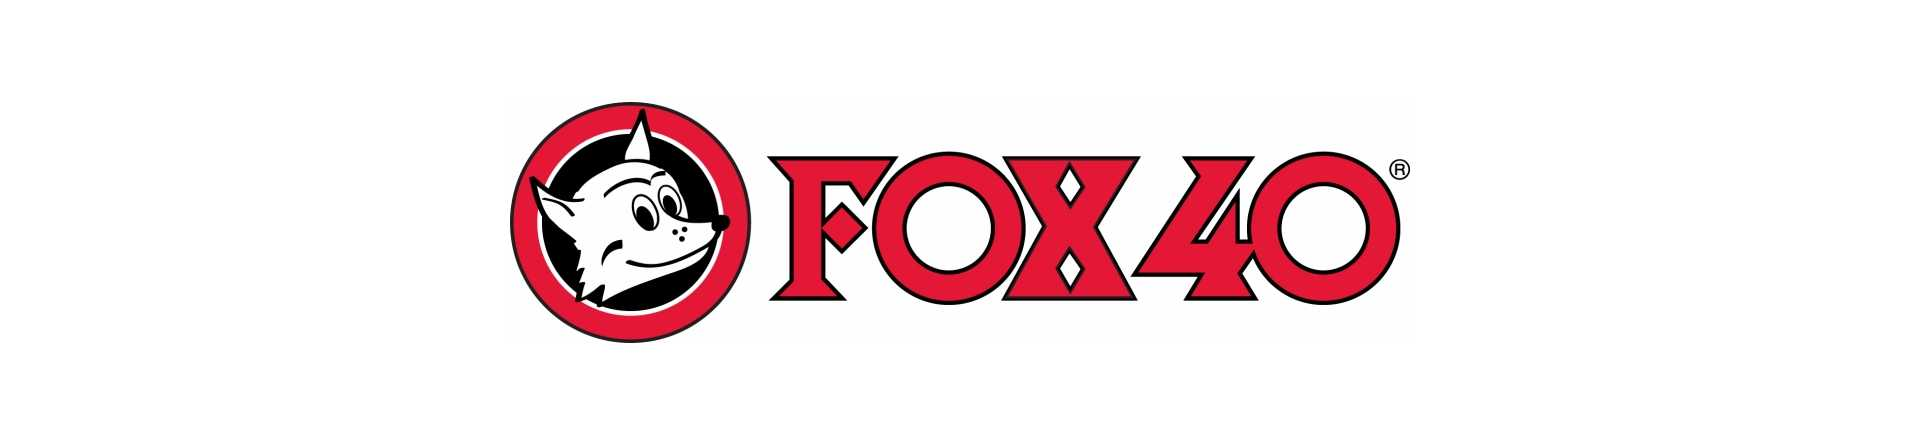 Fischietto Con Anello Fox 40